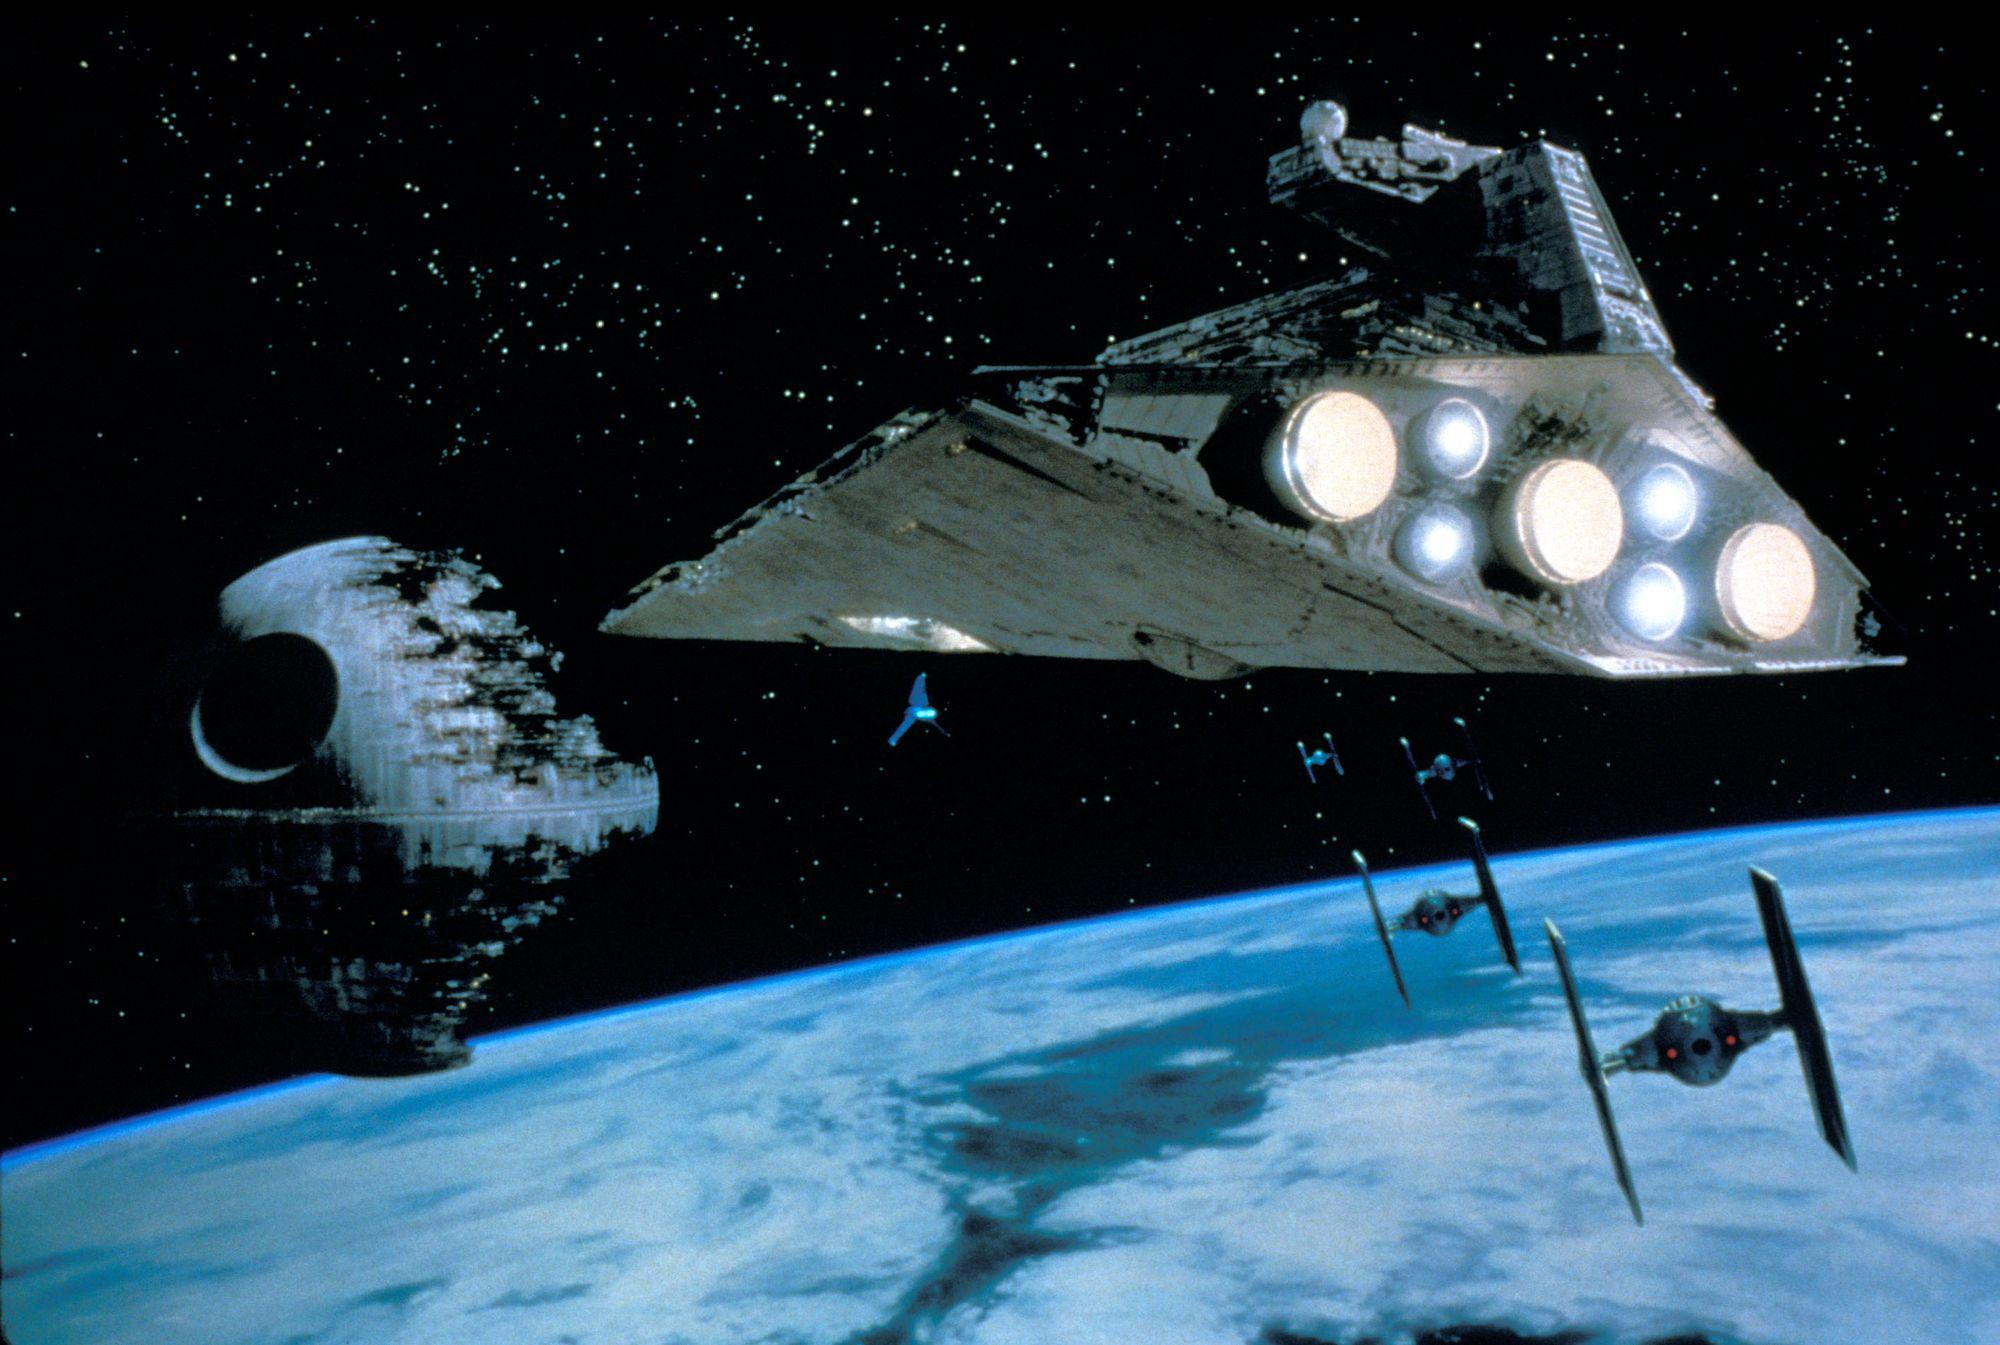 La Saga Star Wars Imaginée Par George Lucas Célèbre Ses 40